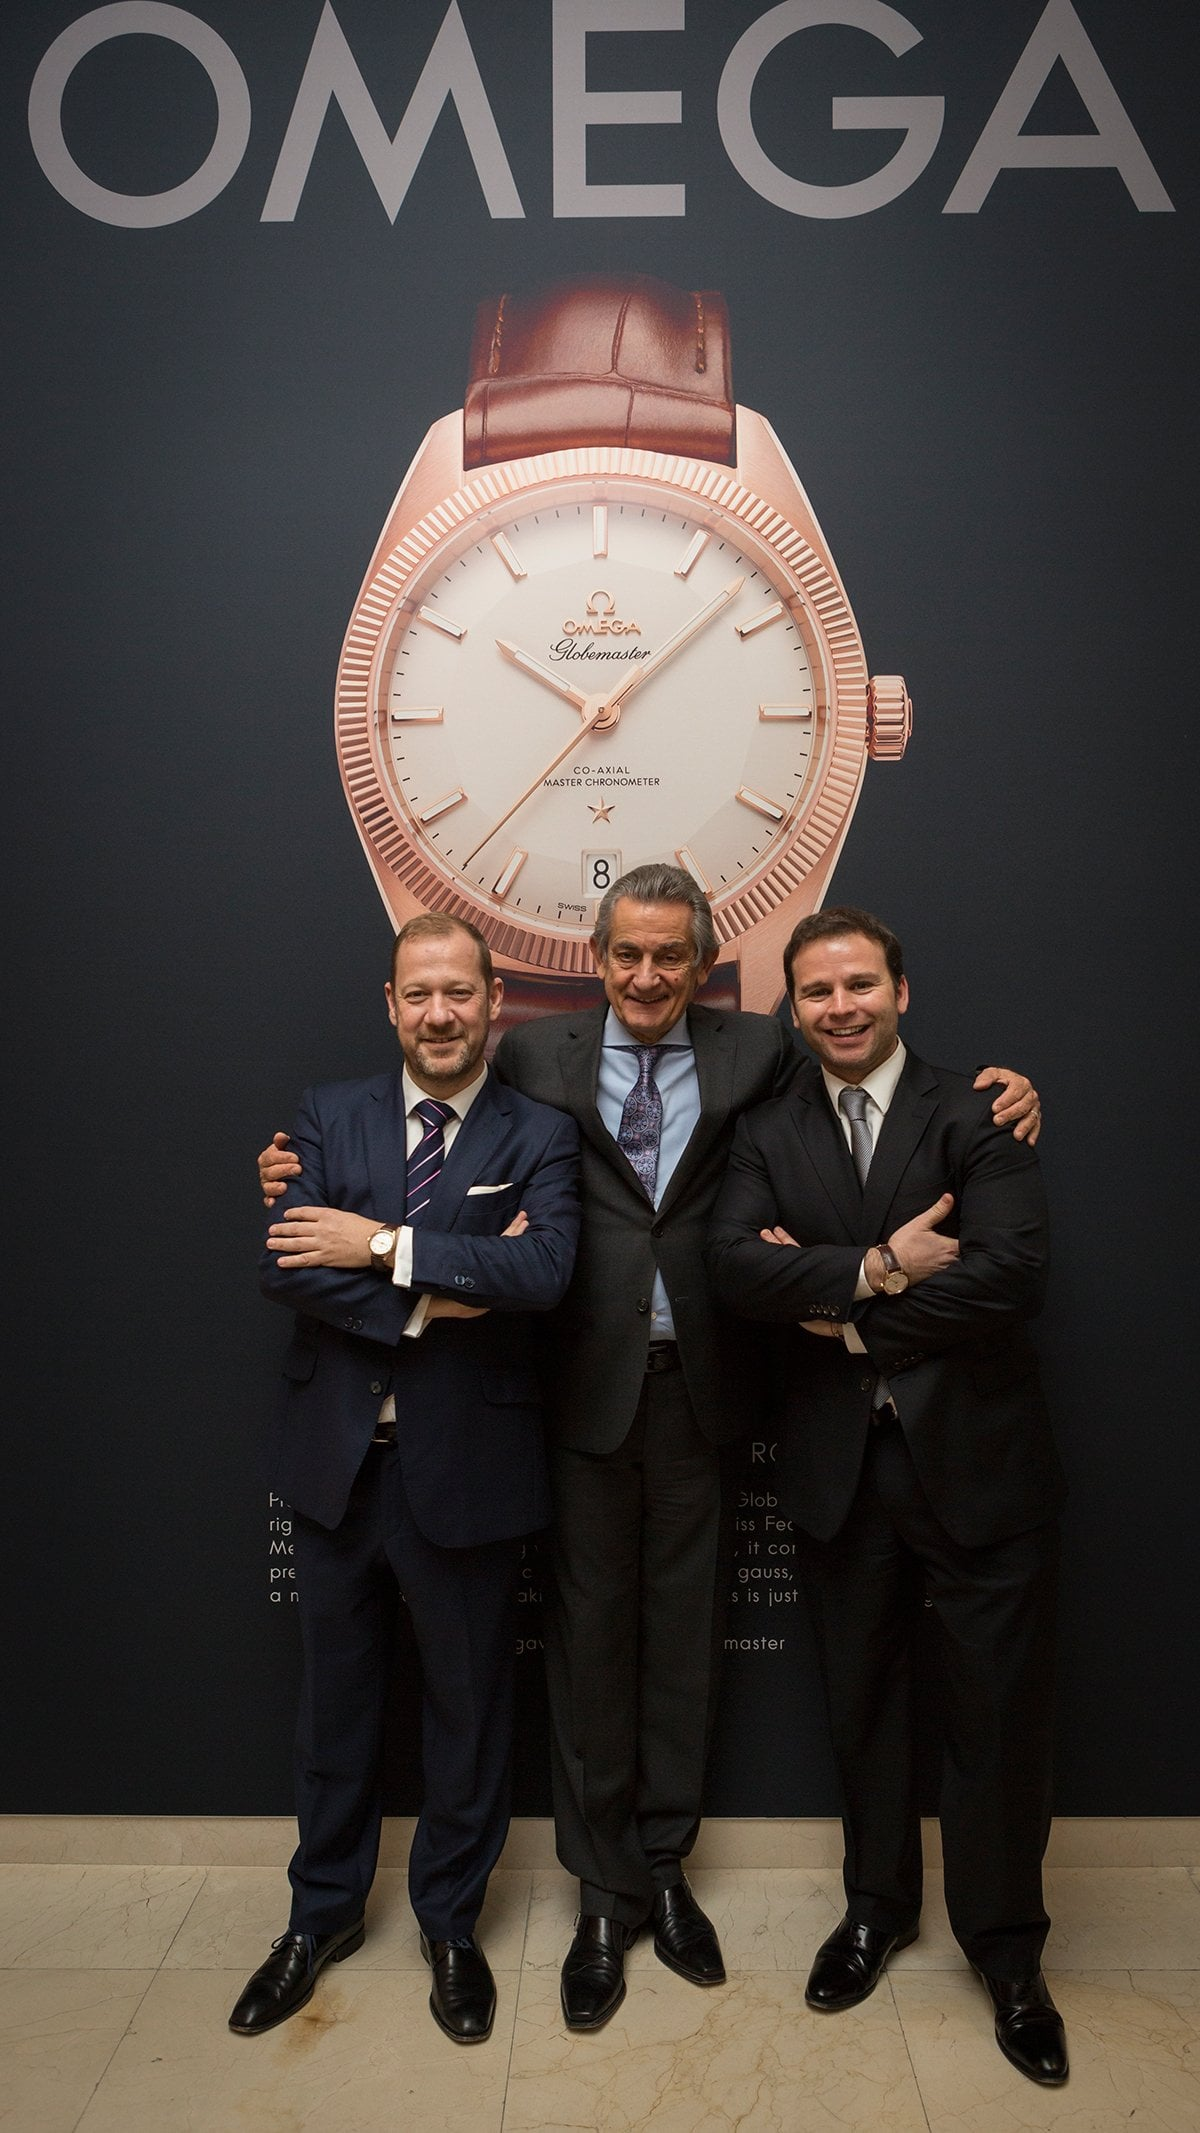 Gonzalo de Cevallos Director General de THe Swatch Group España, Stephen Urquhart presidente de Omega y Daniel casas Director de Omega España